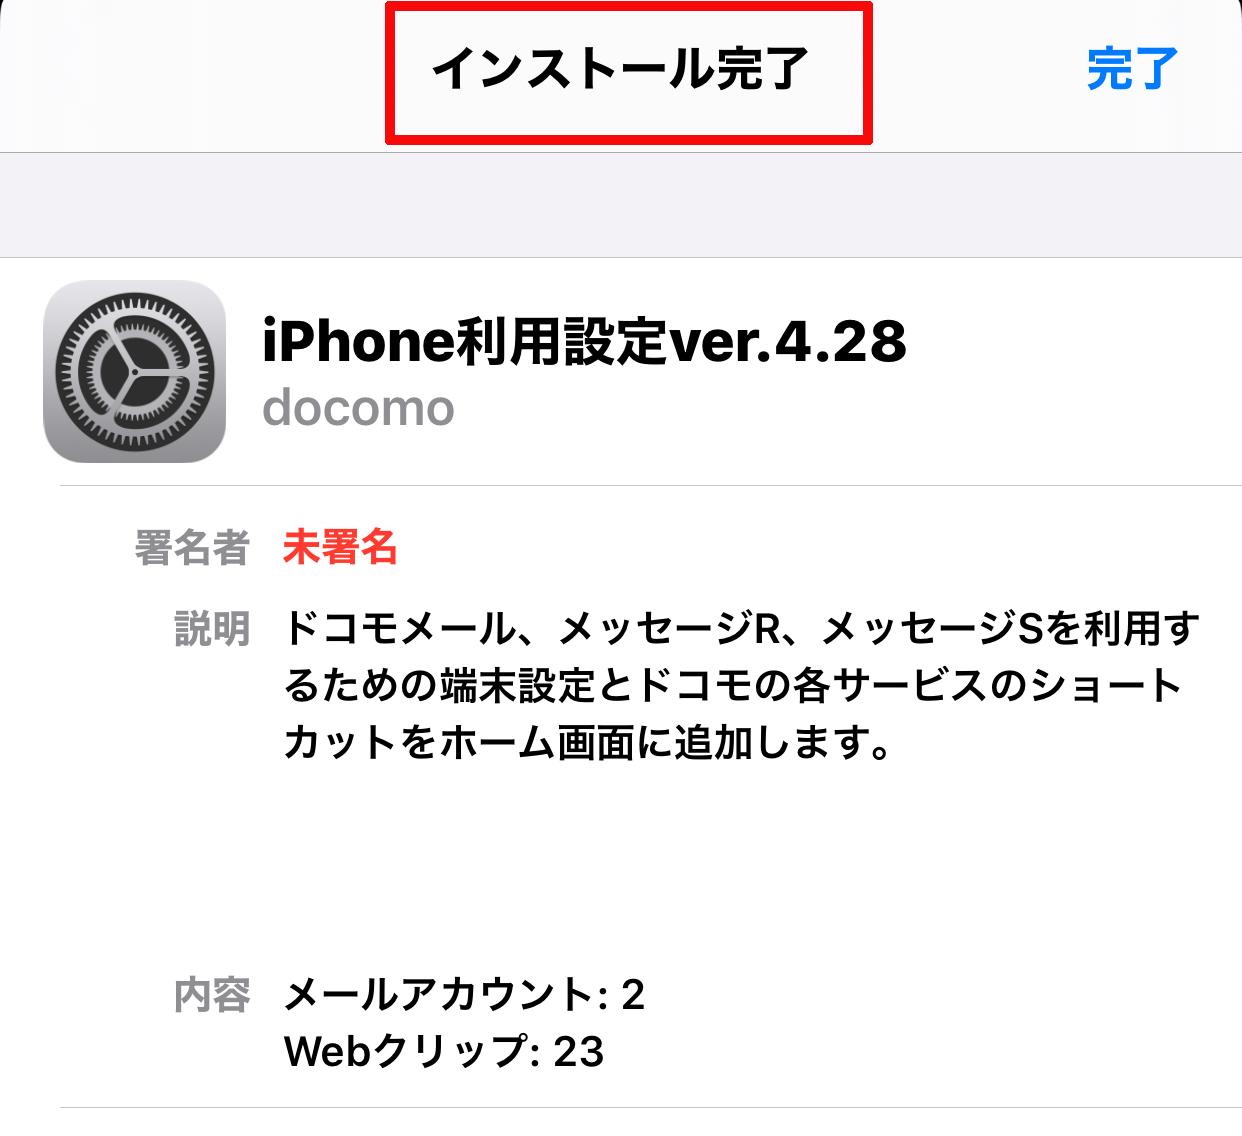 最後にこのようにインストール完了という画面が表示されていれば、iPhoneでドコモメールを再度利用するための設定は完了となります。